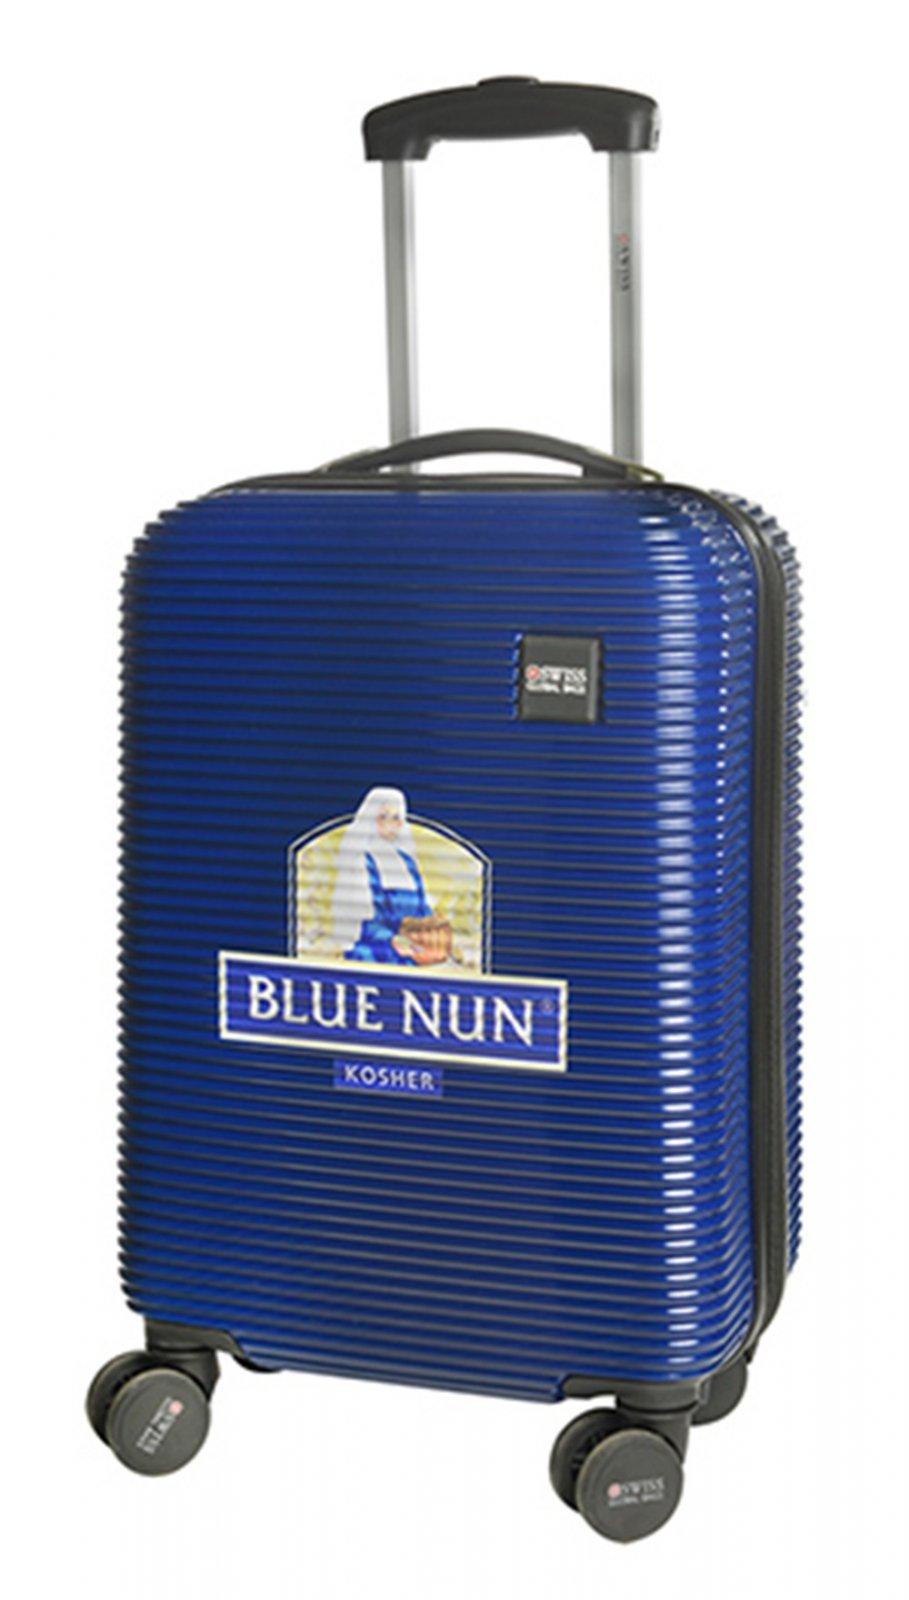 בלו נאן מארז מזוודה 4 בקבוקים